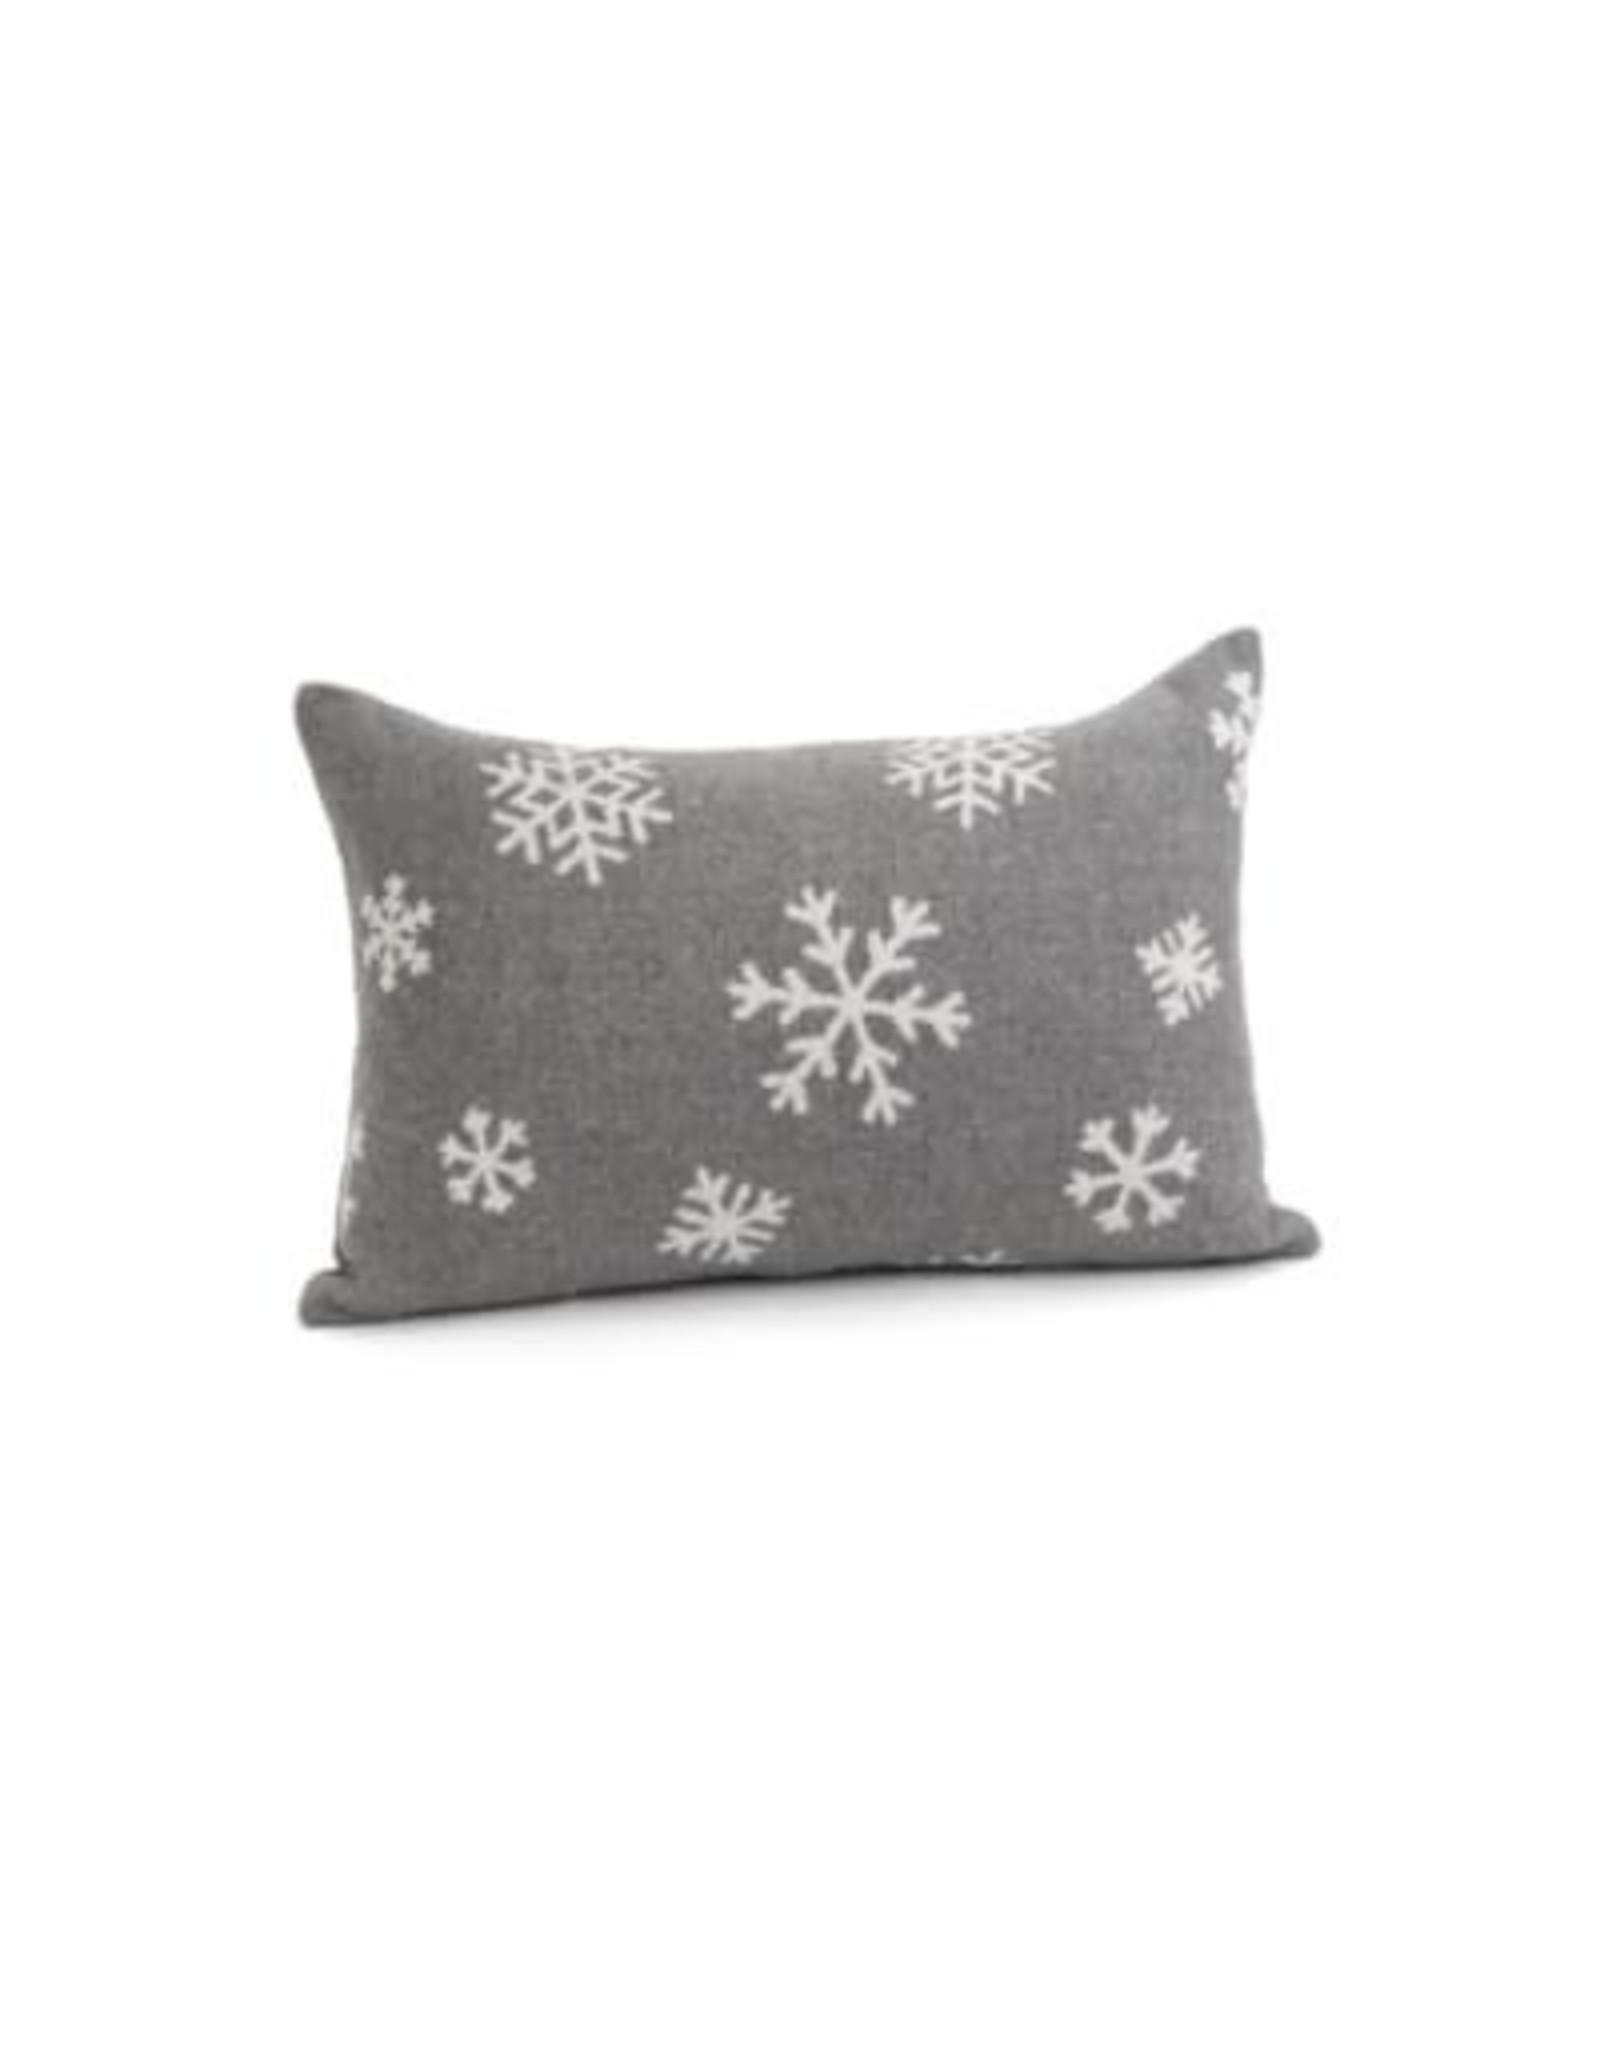 Coussin gris avec flocons de neige